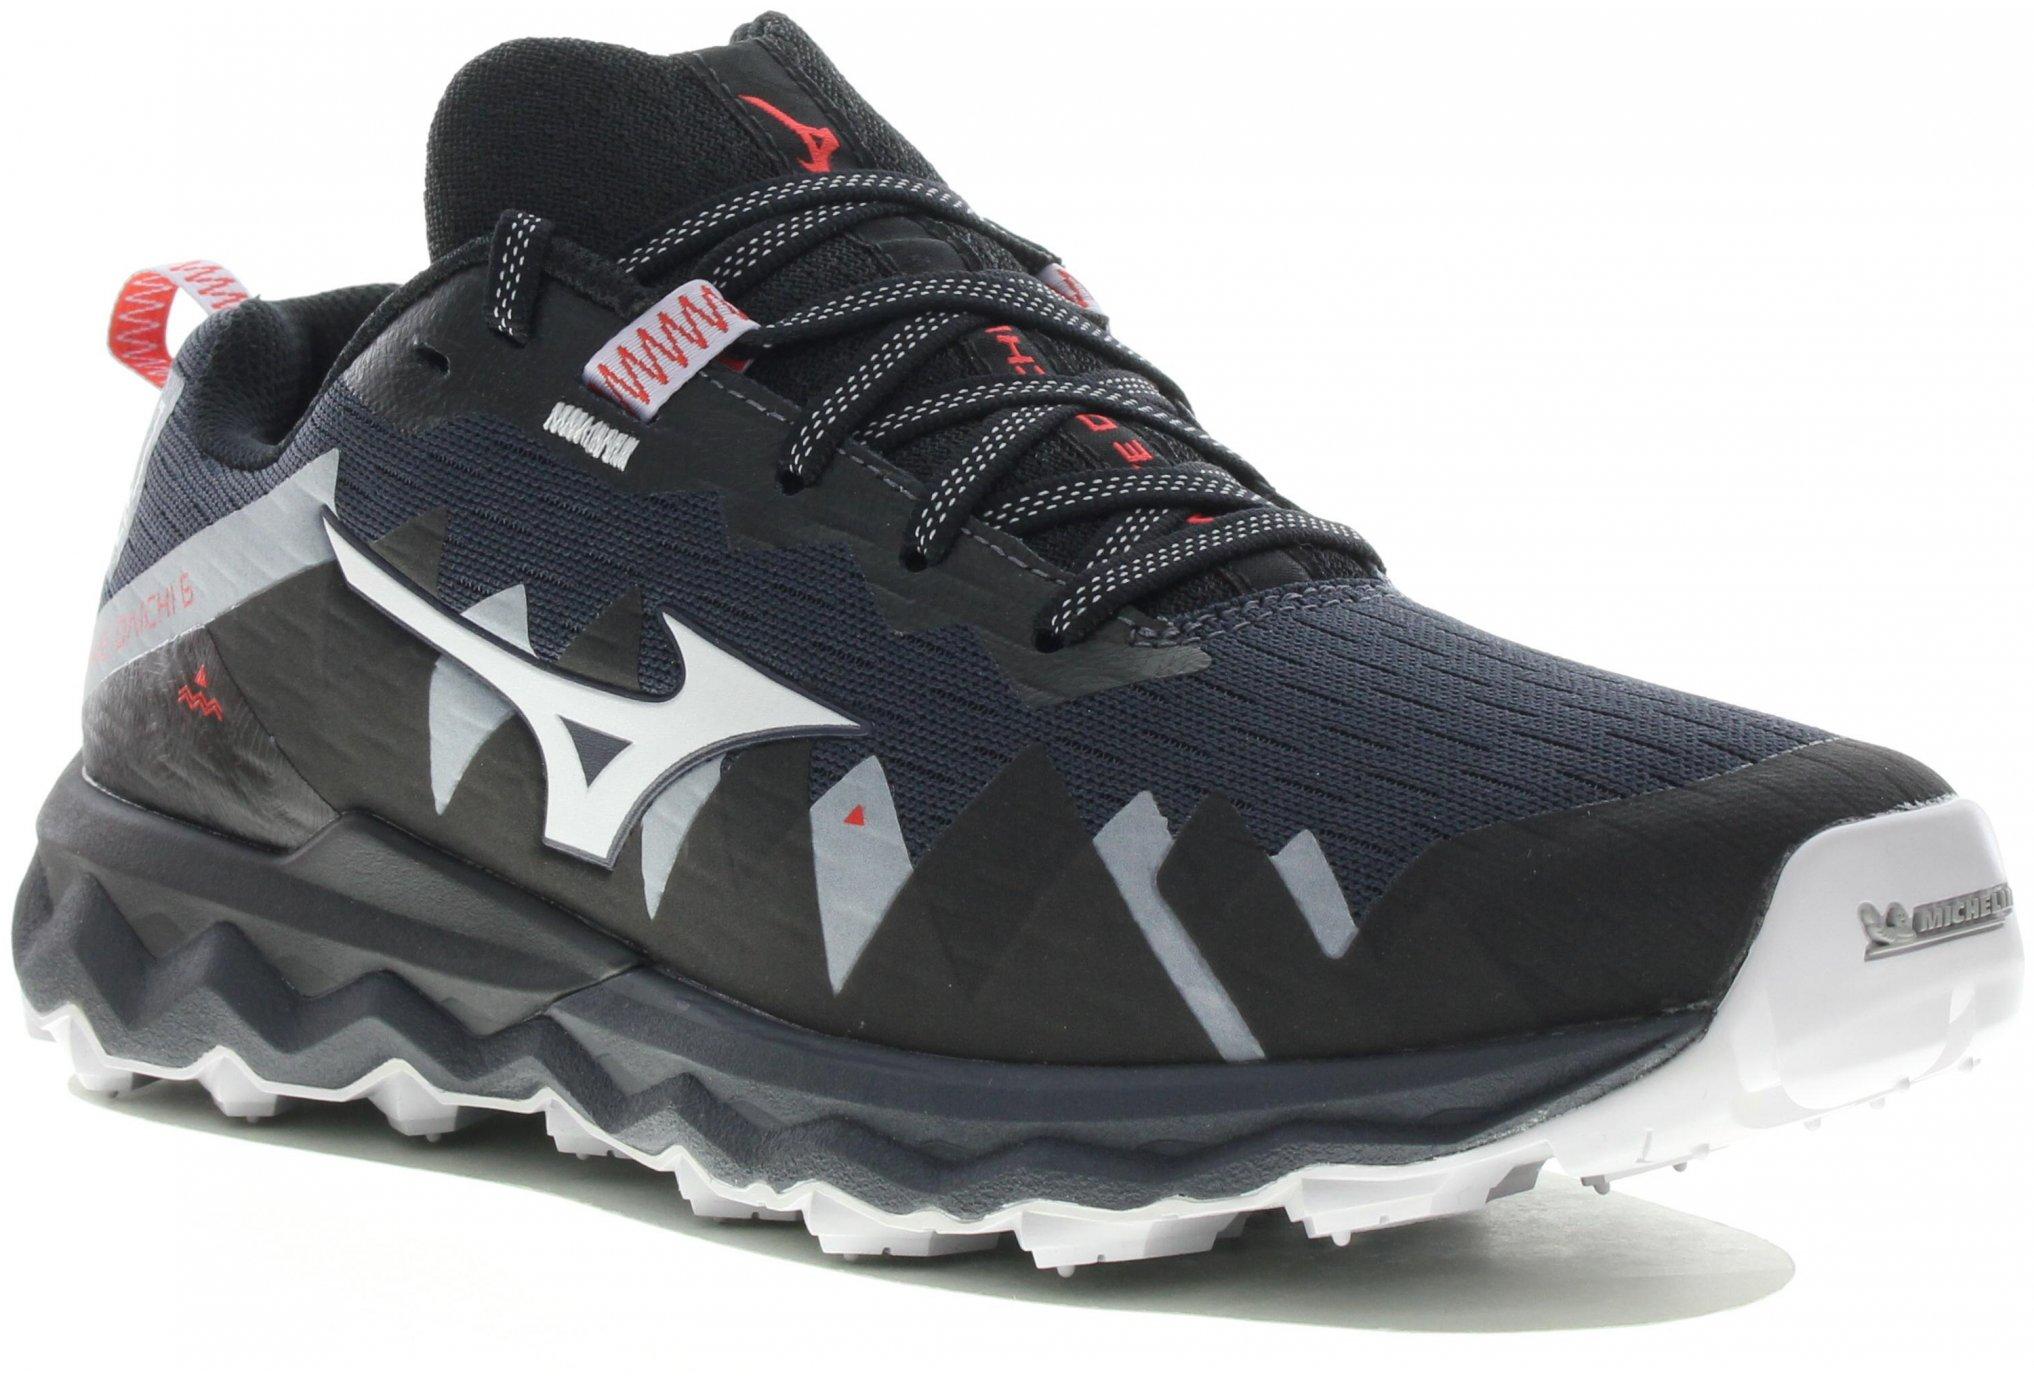 Mizuno Wave Daichi 6 Chaussures running femme